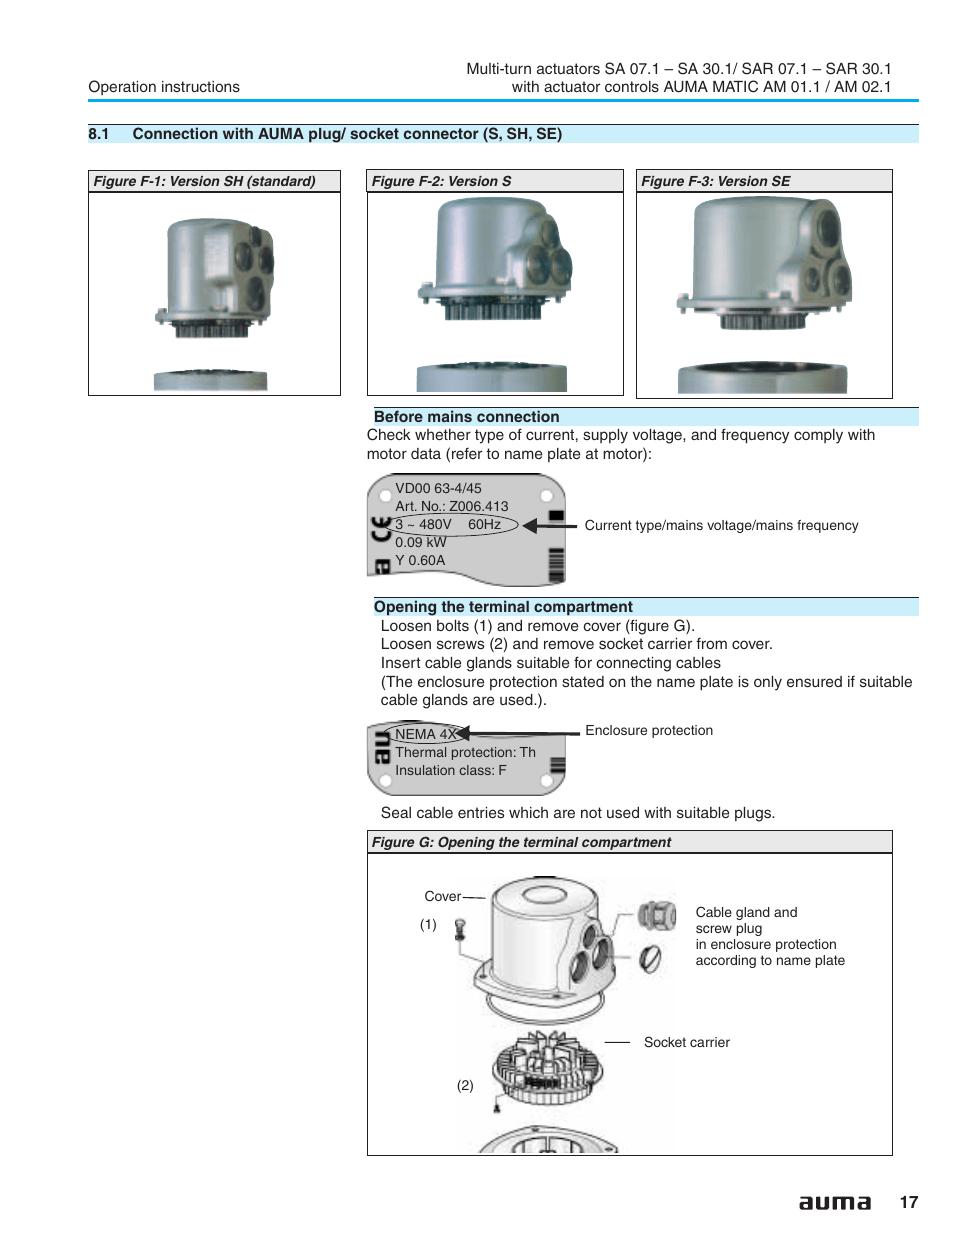 sar 14 5 auma wiring diagrams  bettis actuator diagrams